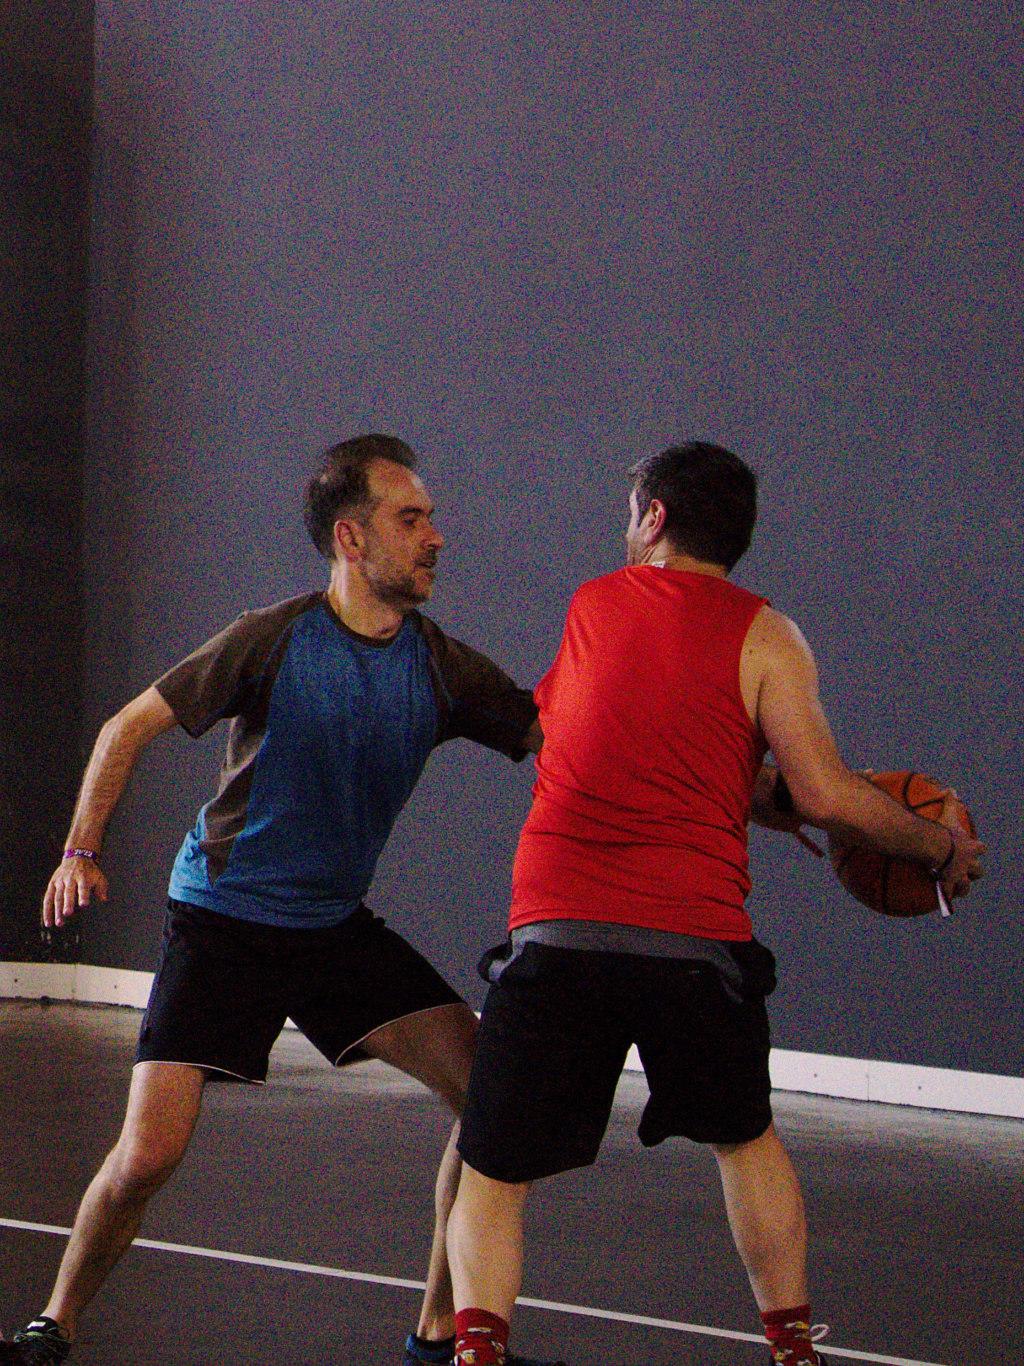 Pachanga De Basket ARF ¡ OTRO AÑO MAS ROCKET CAMPEÓN! - Página 11 Dsc02410